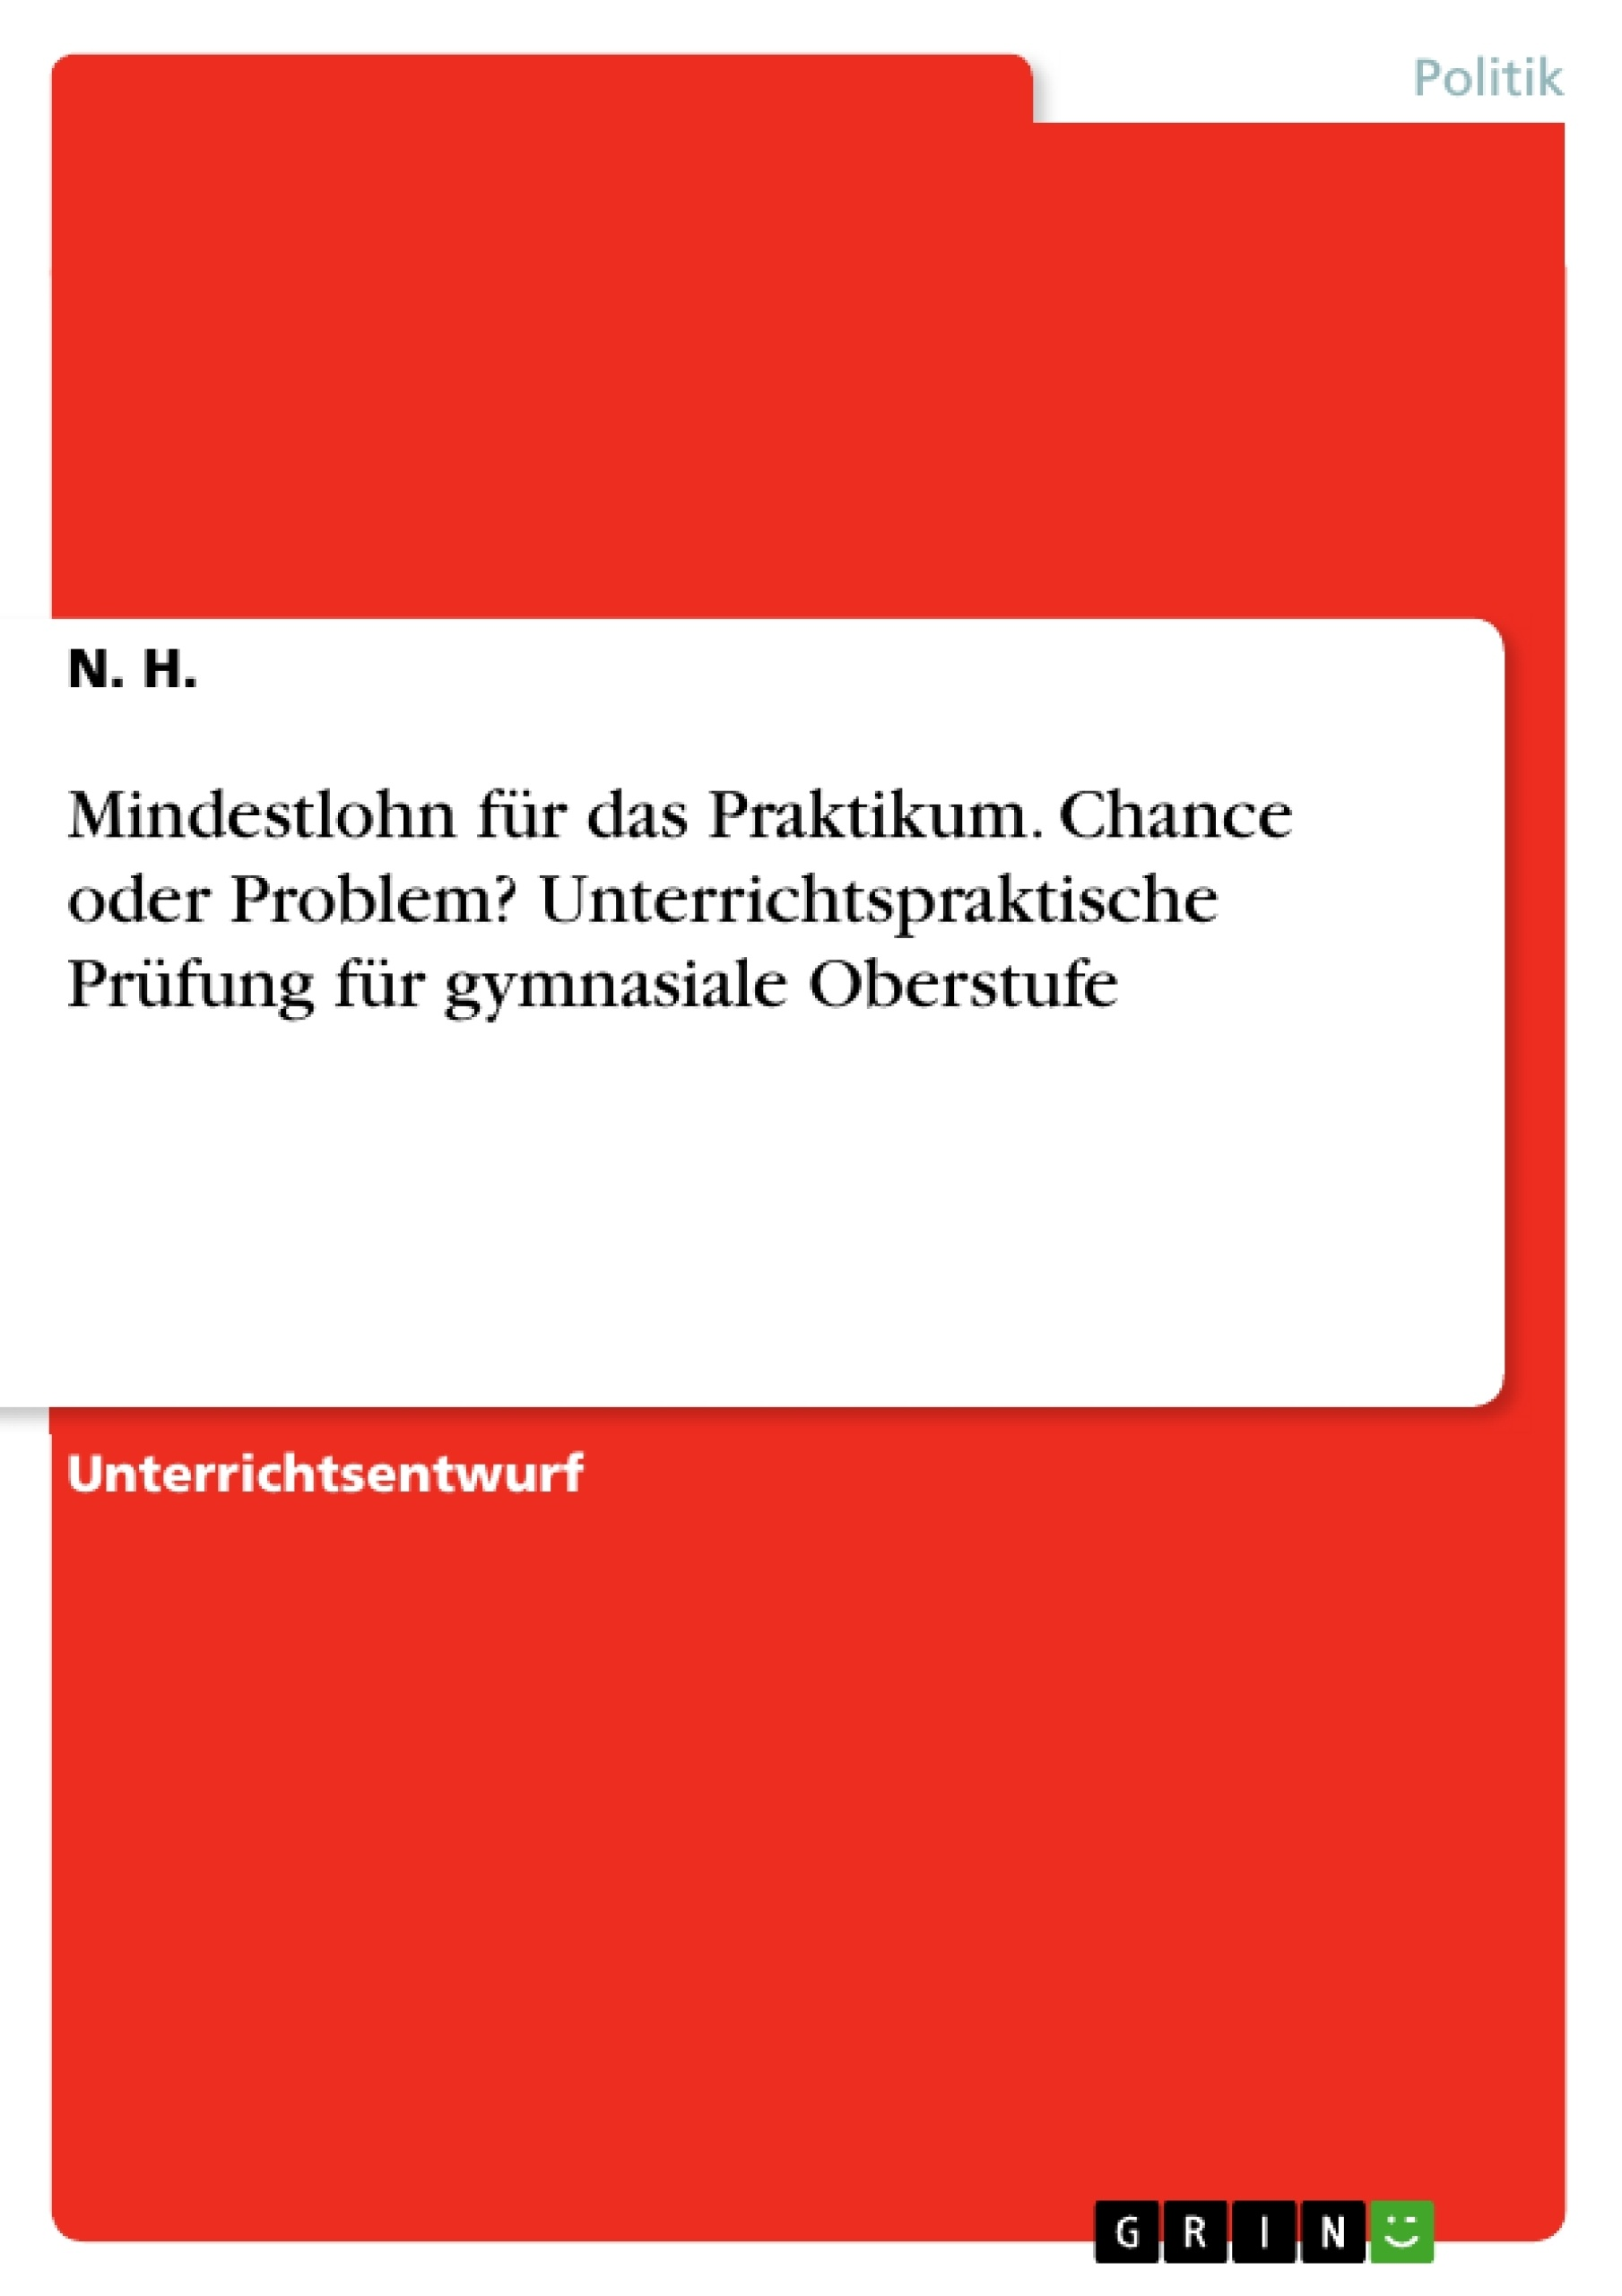 Titel: Mindestlohn für das Praktikum. Chance oder Problem? Unterrichtspraktische Prüfung für gymnasiale Oberstufe